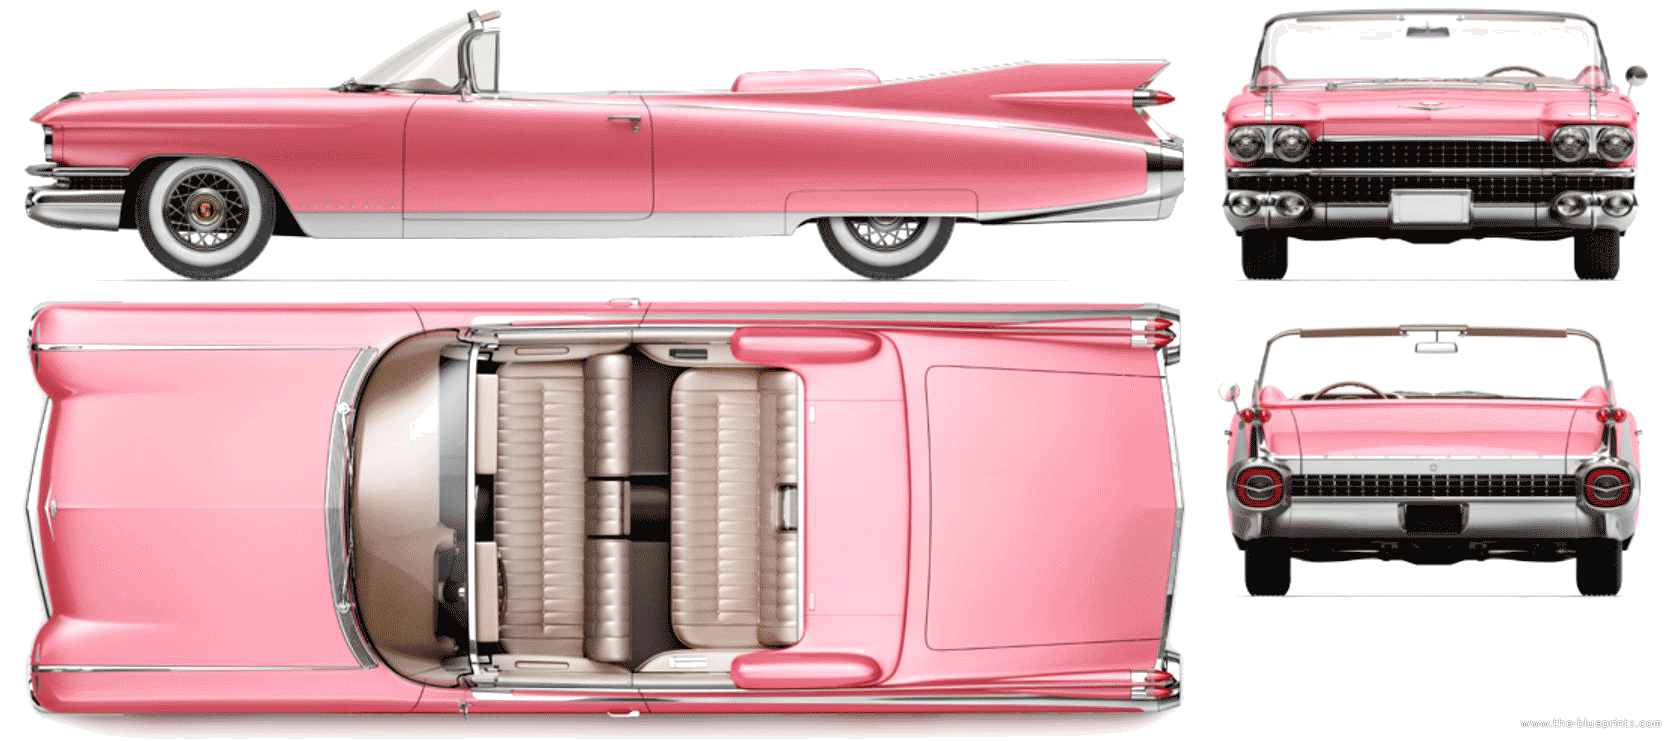 cadillac-eldorado-biarritz-convertible-1959-2.png